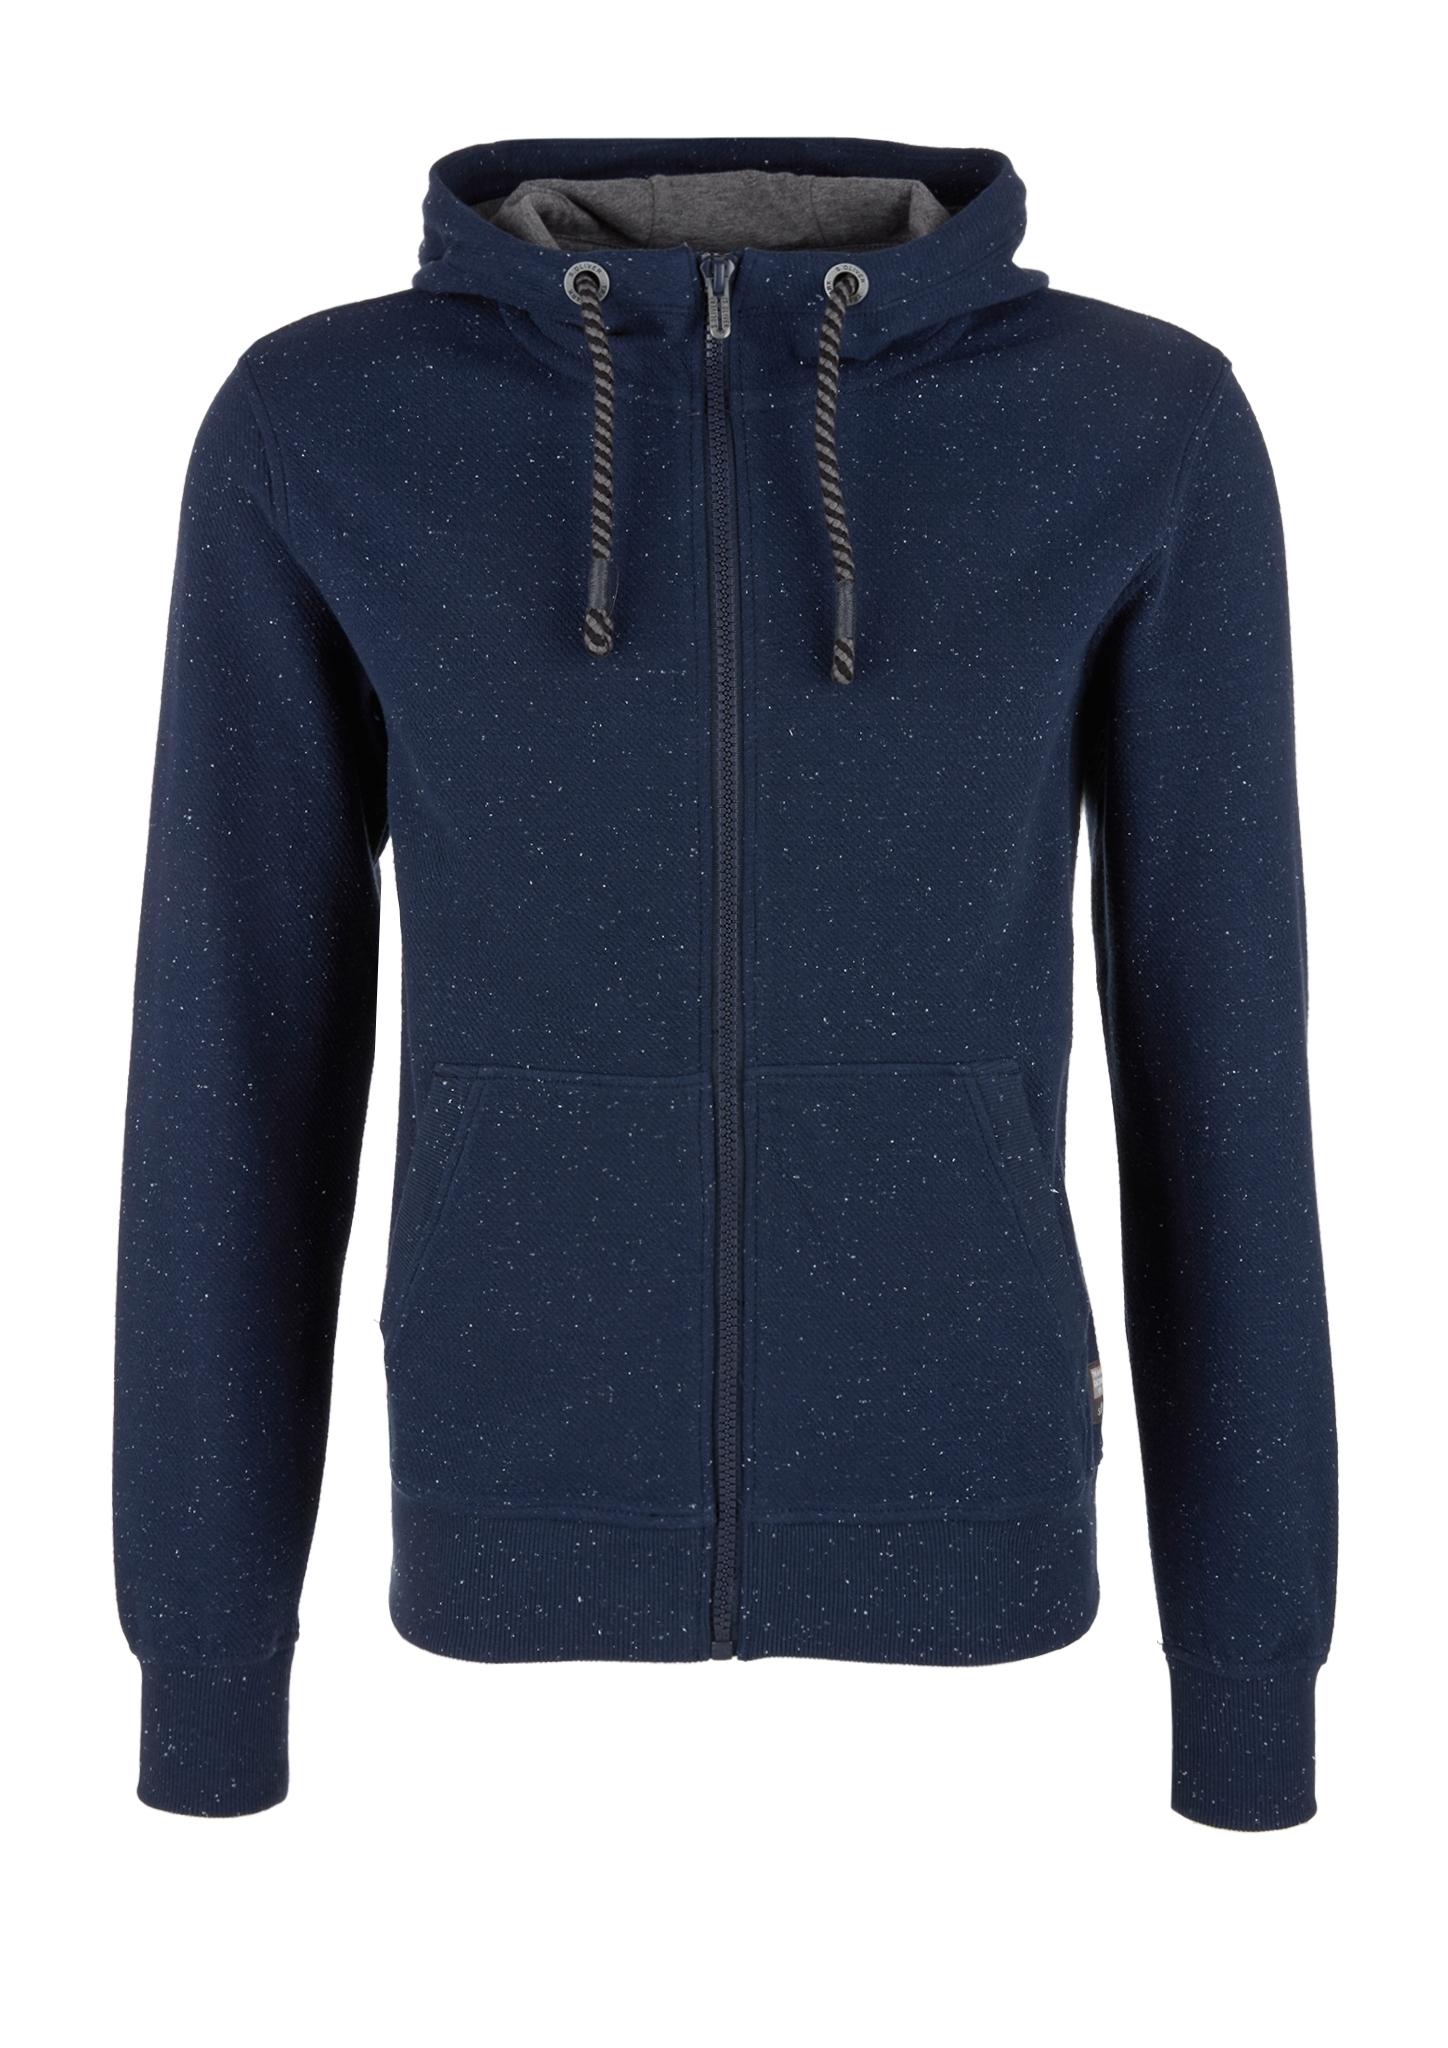 Sweatjacke | Bekleidung > Sweatshirts & -jacken > Sweatjacken | Blau | Oberstoff: 84% baumwolle -  13% polyester -  3% elasthan| manschette/bund: 89% baumwolle -  7% polyester -  4% elasthan | s.Oliver